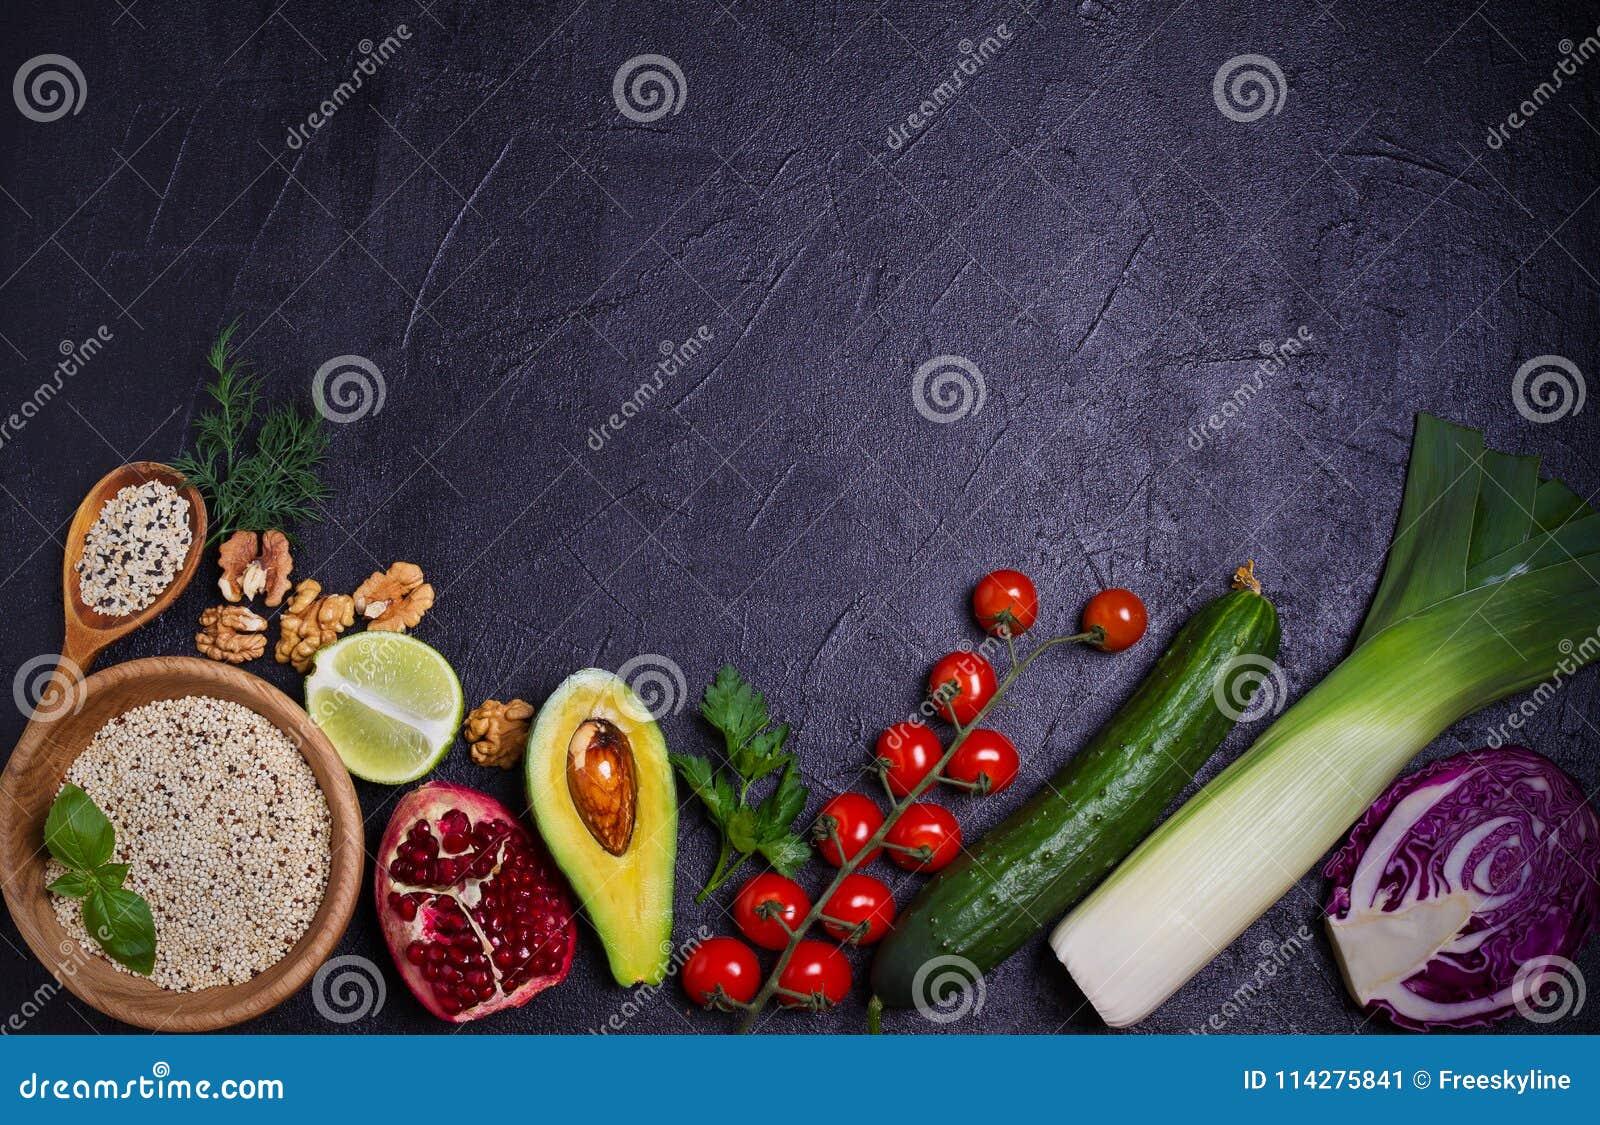 Επιλογή των υγιών τροφίμων Υπόβαθρο τροφίμων: quinoa, ρόδι, ασβέστης, πράσινα μπιζέλια, μούρα, αβοκάντο, καρύδια και ελαιόλαδο